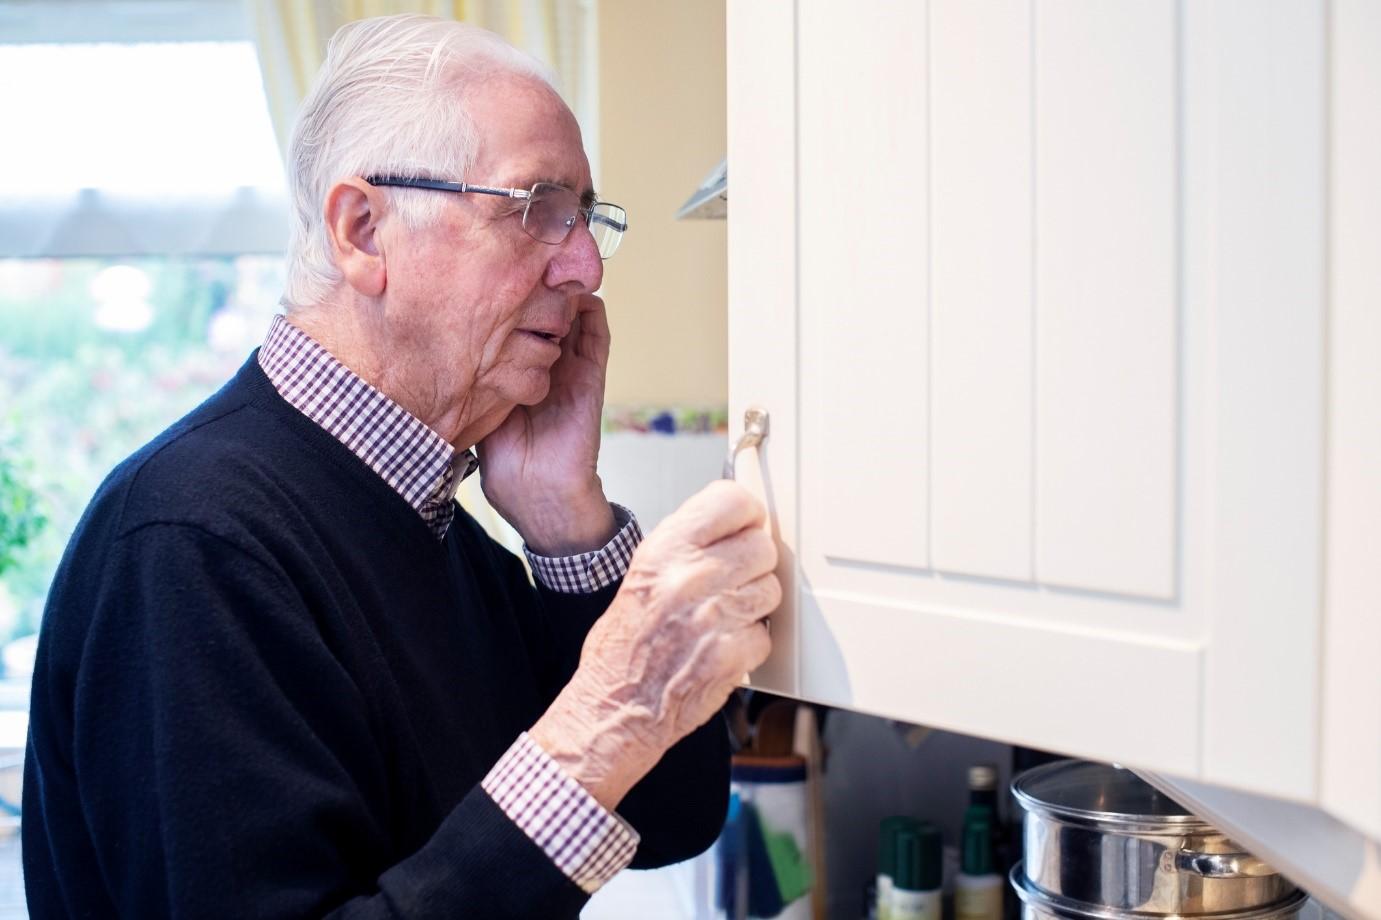 Wat is dementie?Definitie dementie Dementie vrouwen Gedragsveranderingen Vergeetachtigheid Alzheimer